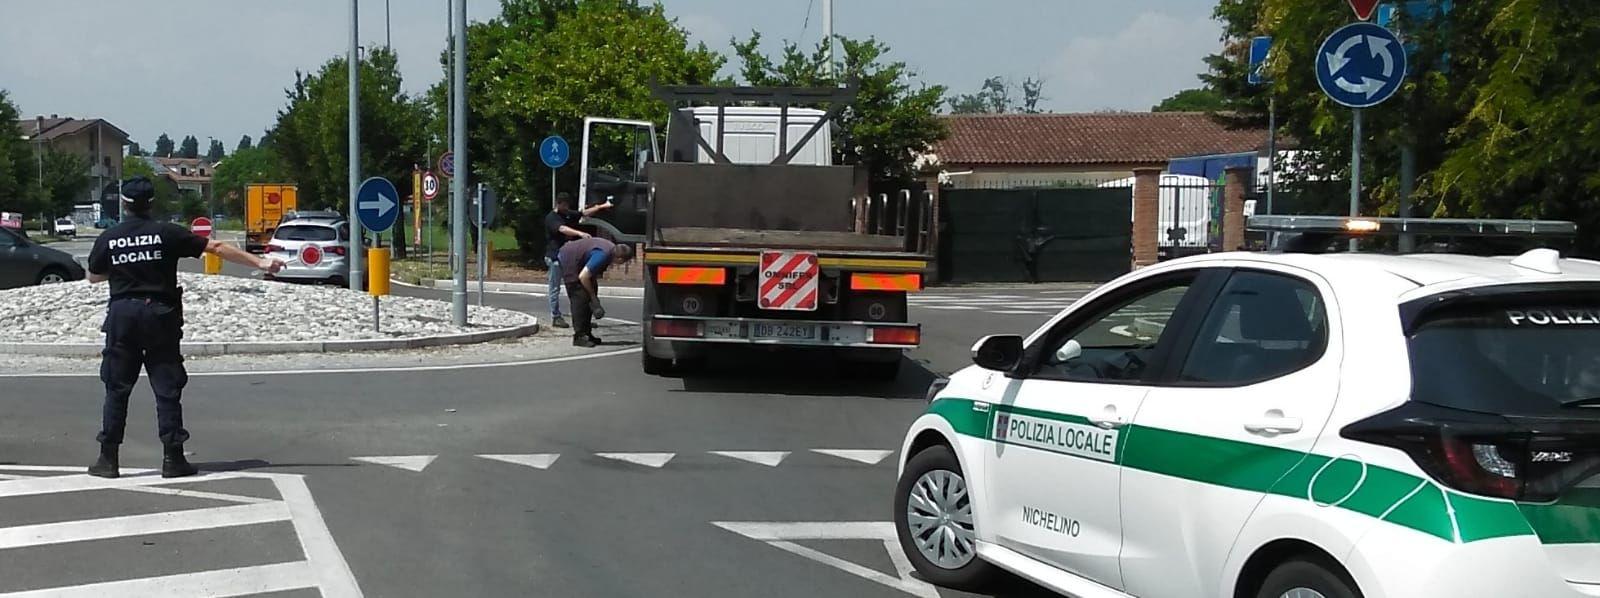 NICHELINO - Il camion si guasta nella rotonda: caos in via Torricelli